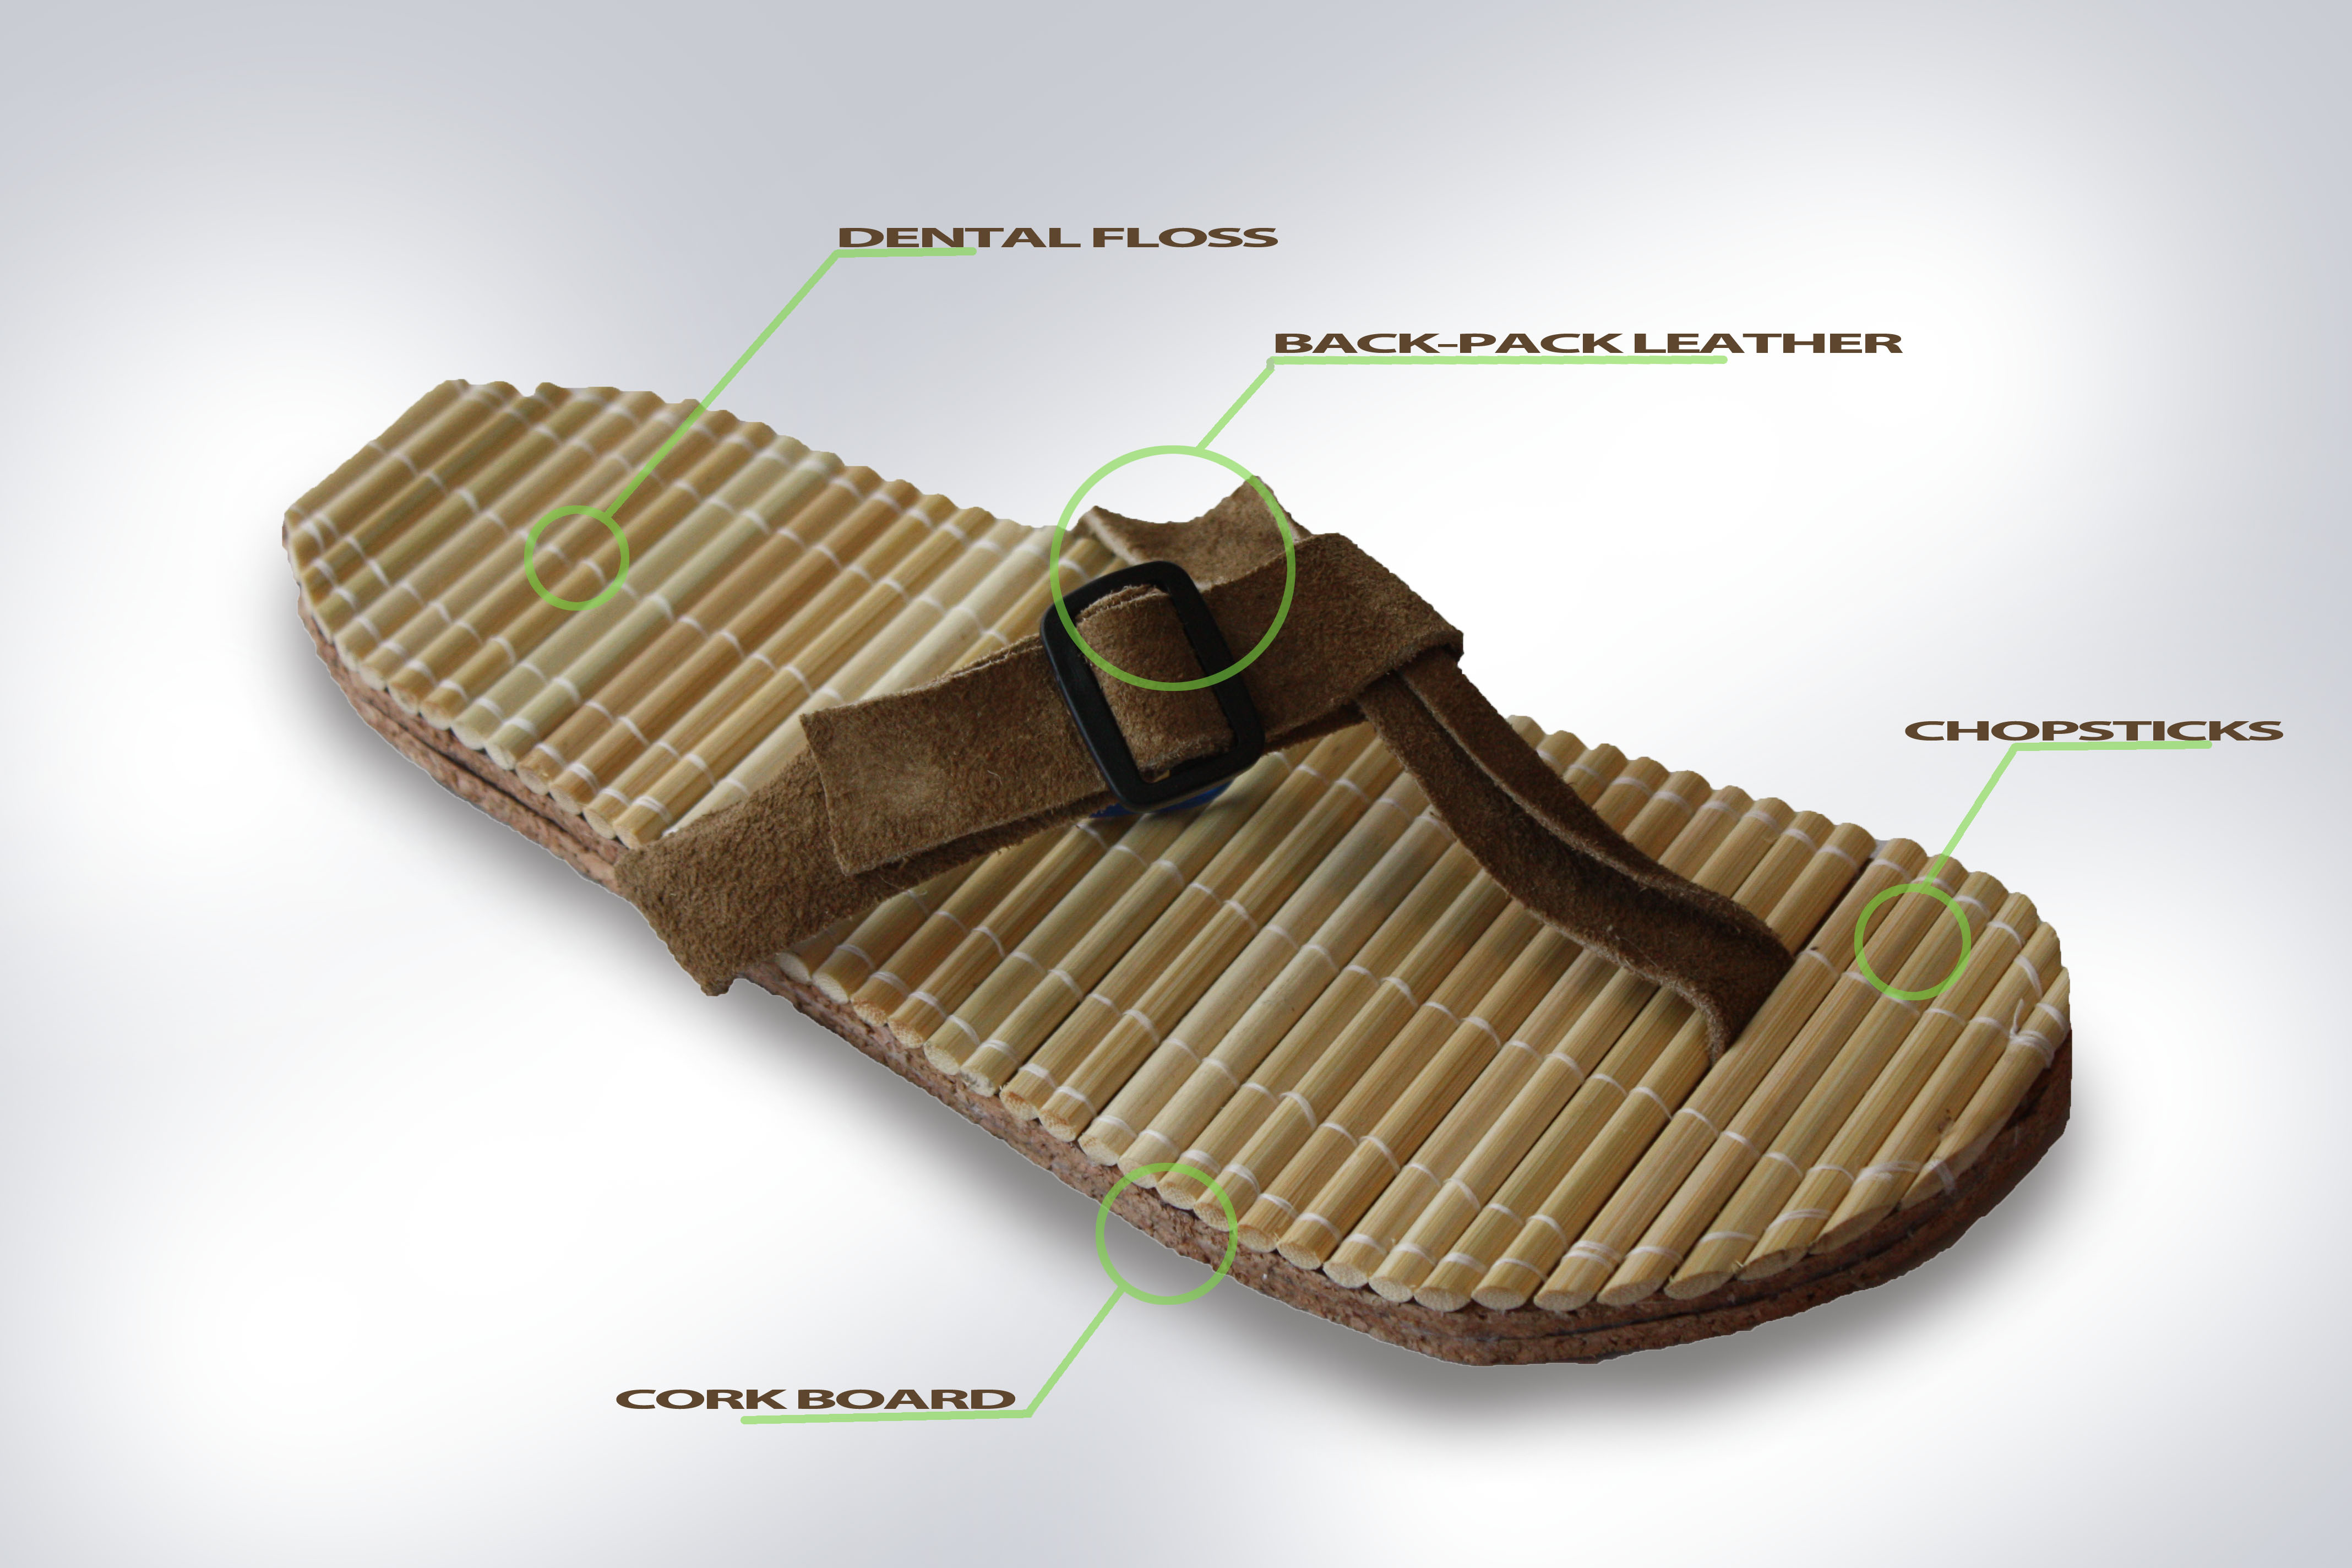 savvyhousekeeping design objects chop flops sandals chopsticks dental floss cork